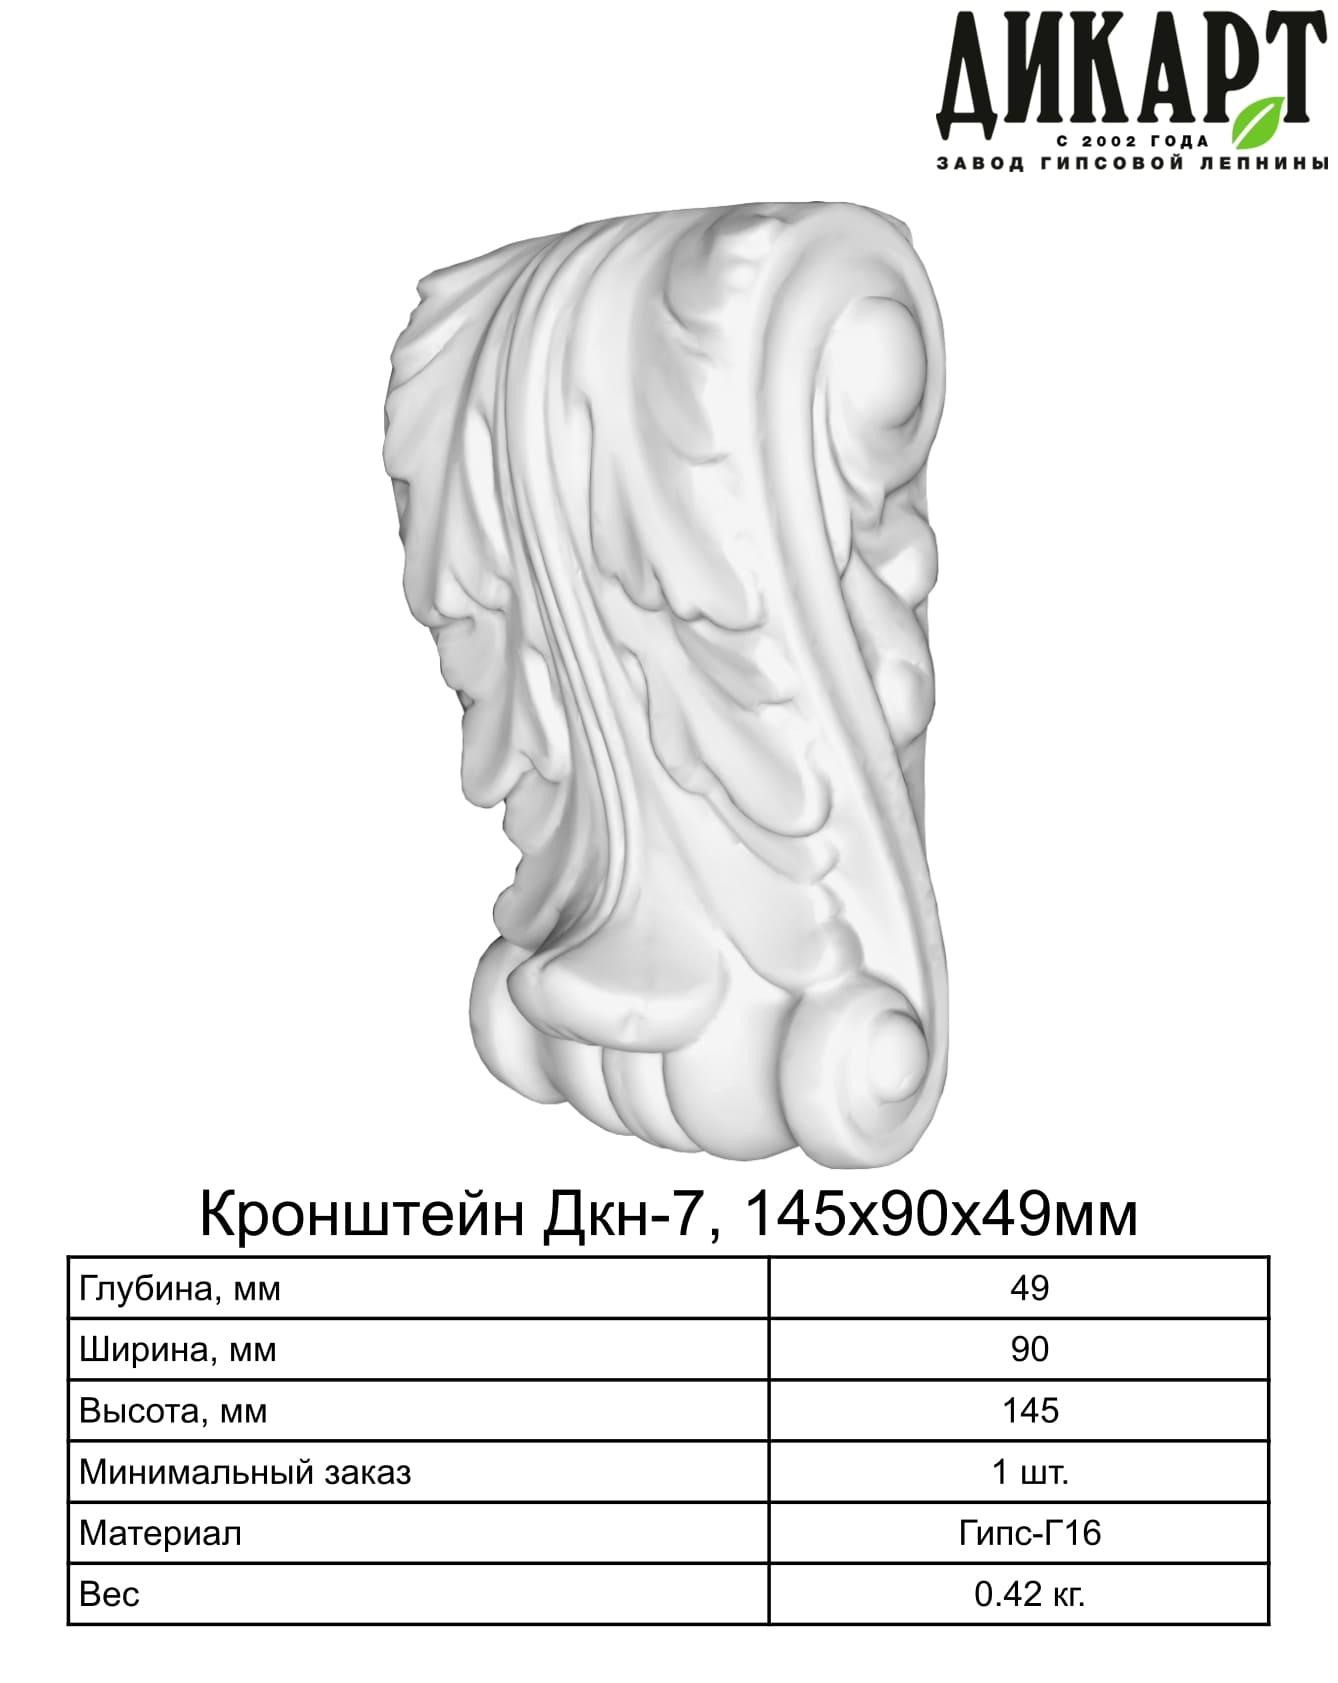 Кронштейн_Дкн-7